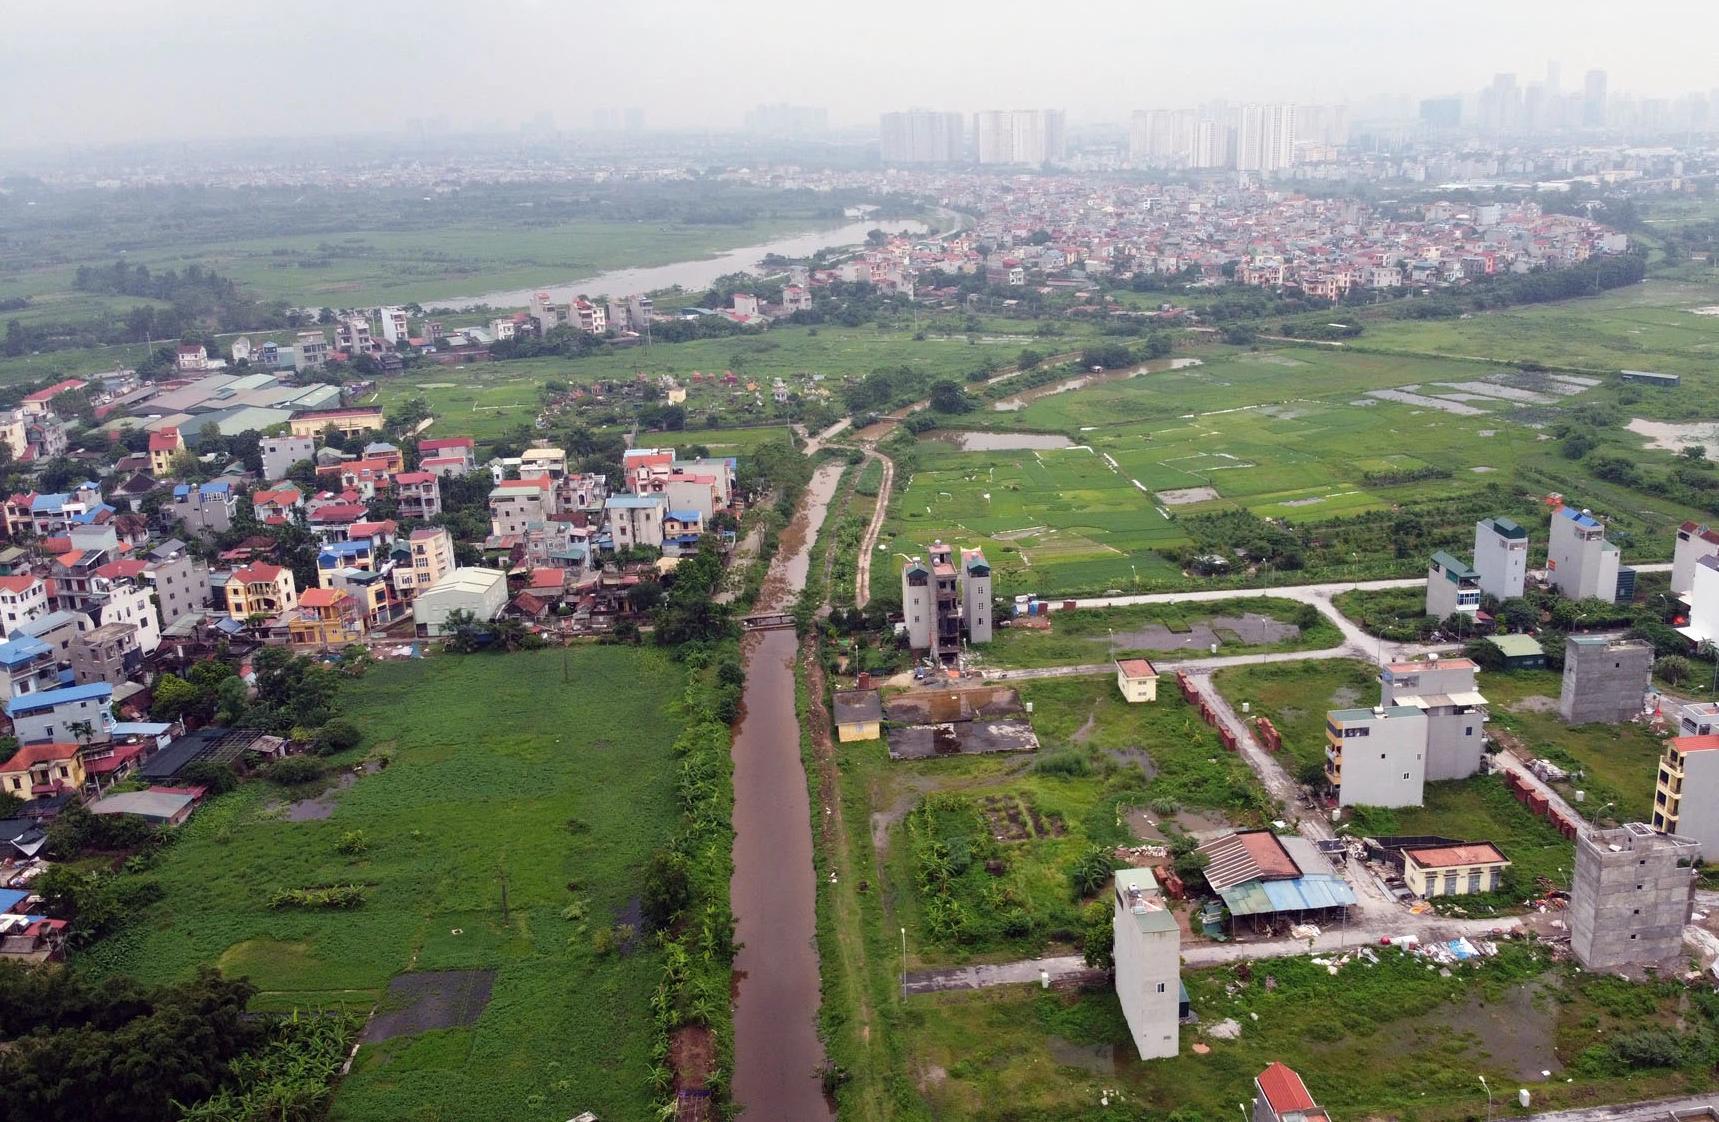 Kế hoạch sử dụng đất phường Đồng Mai, Hà Đông, Hà Nội năm 2021 - Ảnh 1.